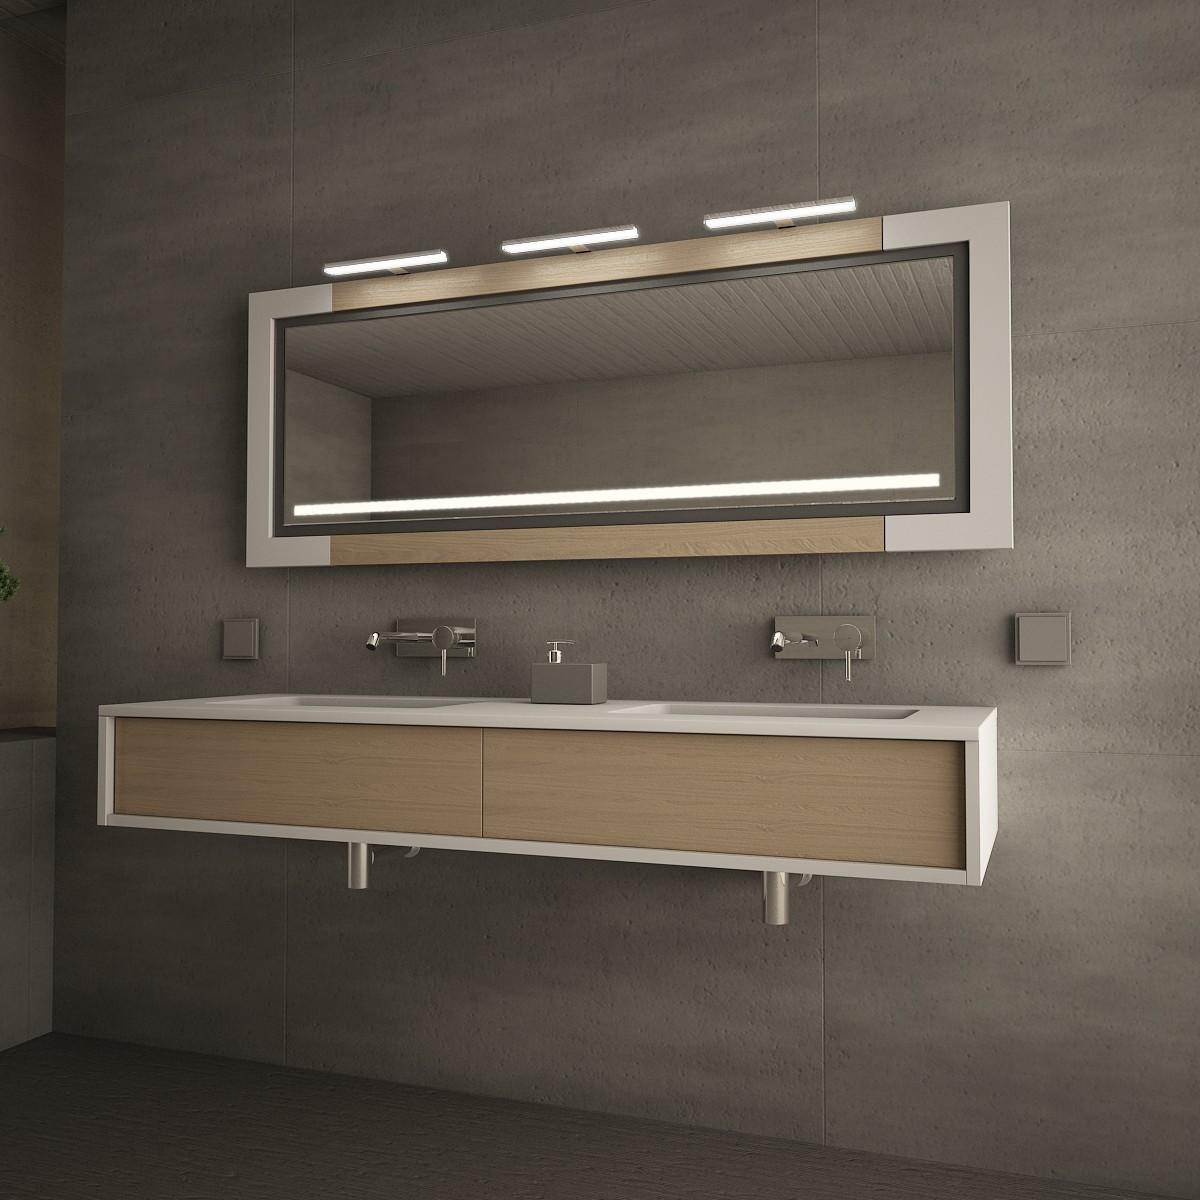 spiegelm bel arnsberg mit externen leuchten esther spiegel produkte spiegelm bel 9000471. Black Bedroom Furniture Sets. Home Design Ideas